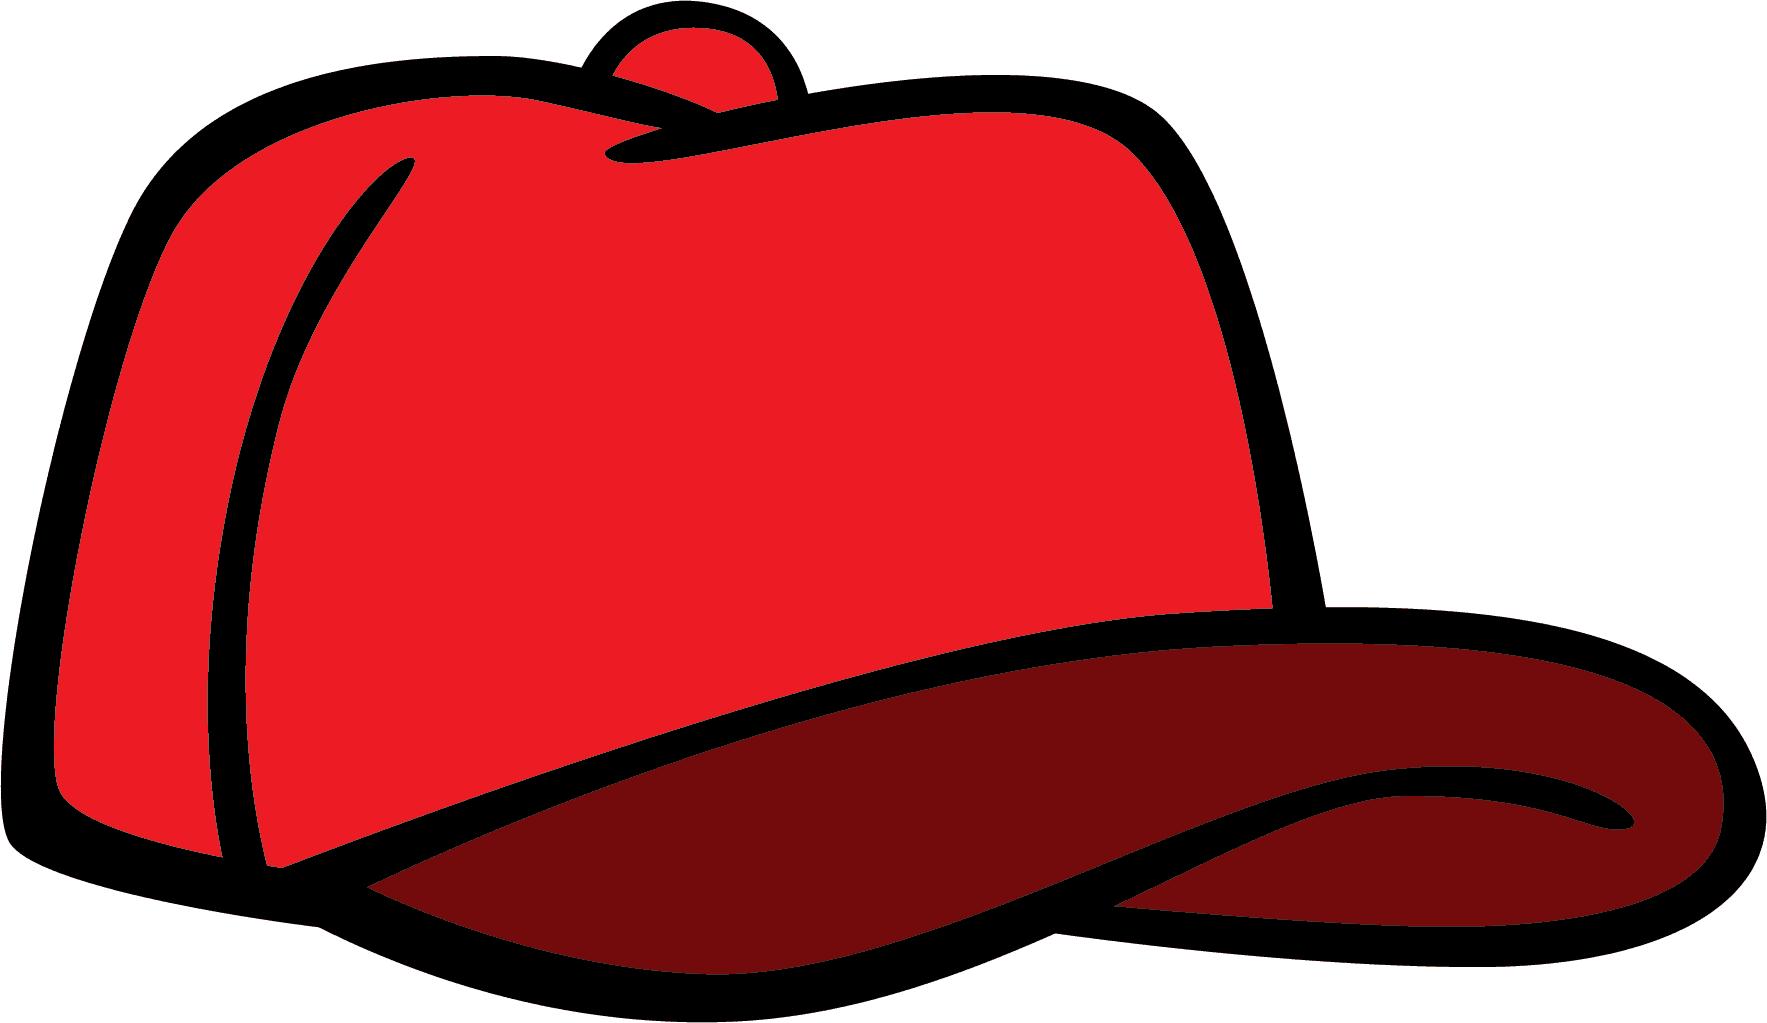 Baseball Hat Clipart - ClipArt Best